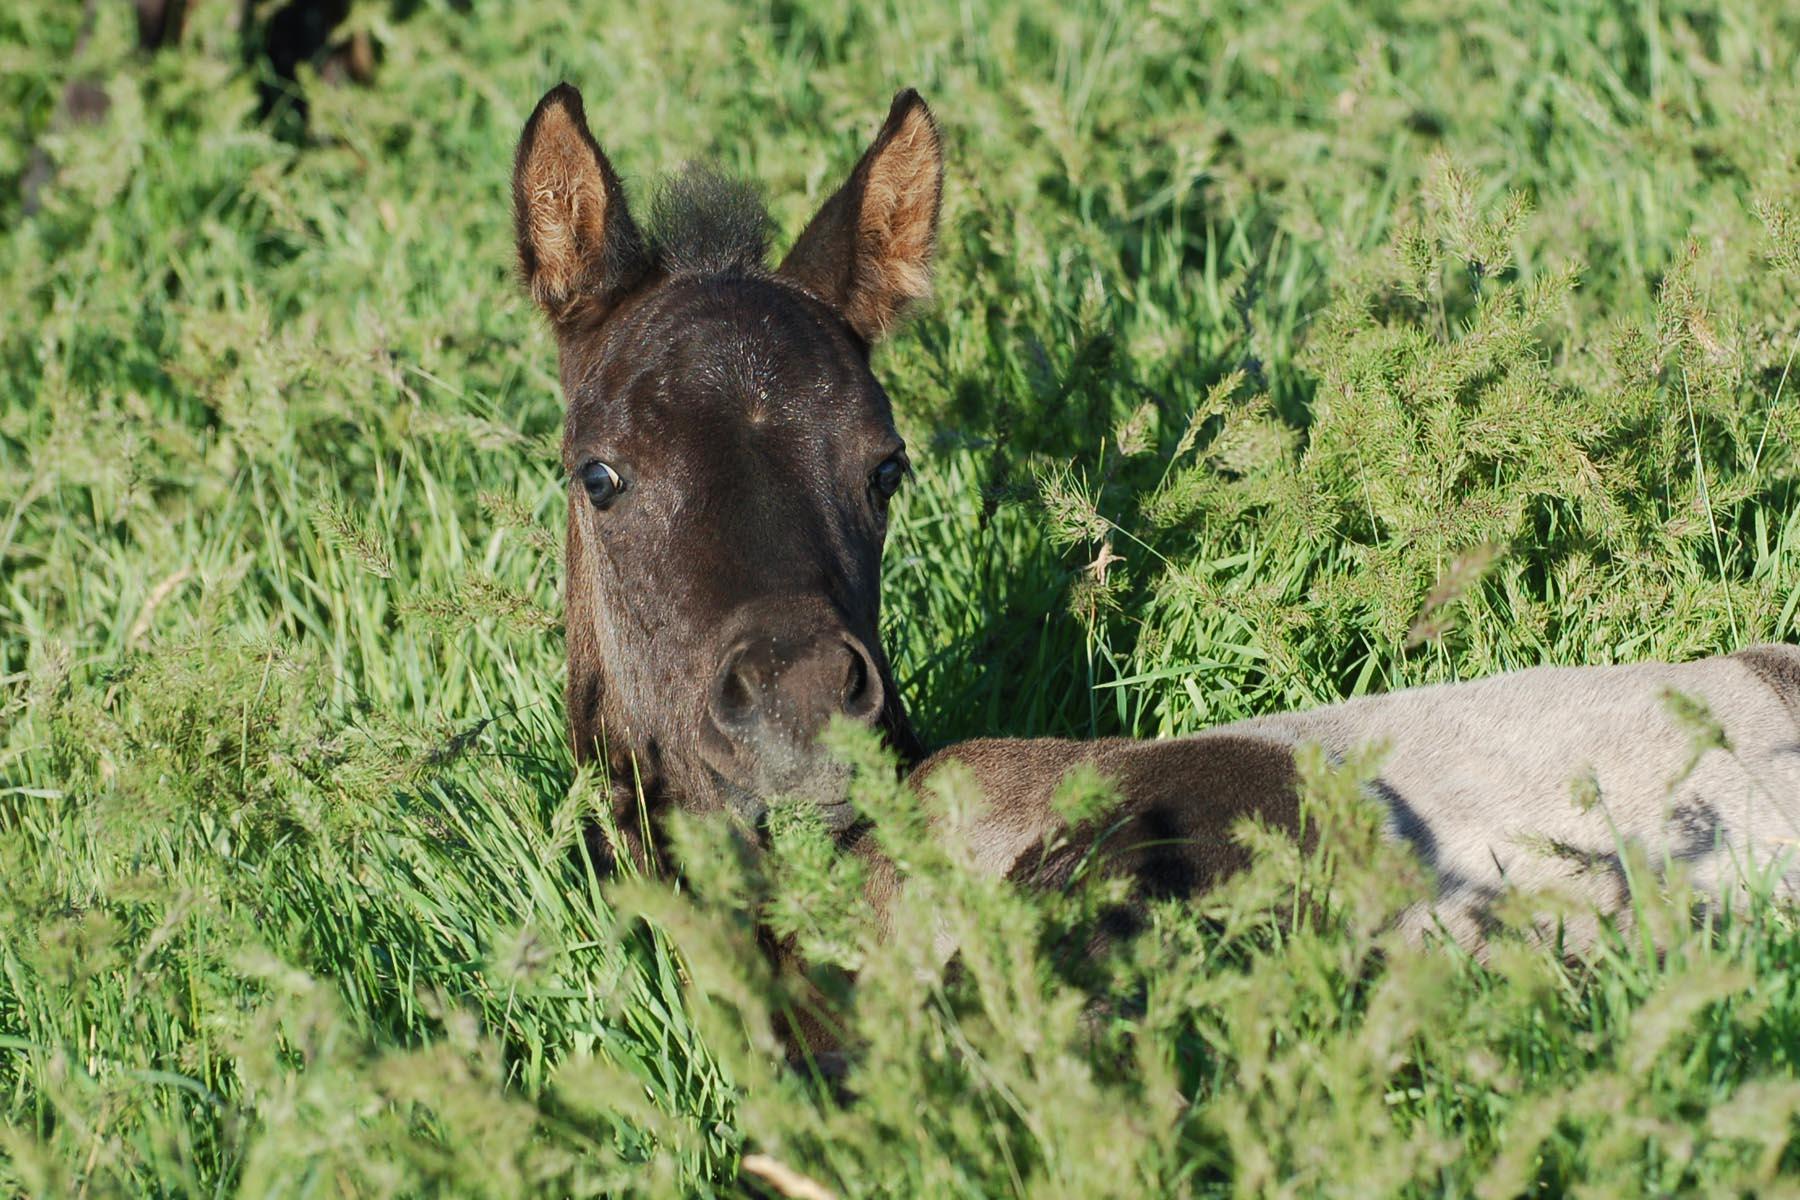 2019 Ameritano Stallion by E Preto / out of Jaz Ebon n Ash